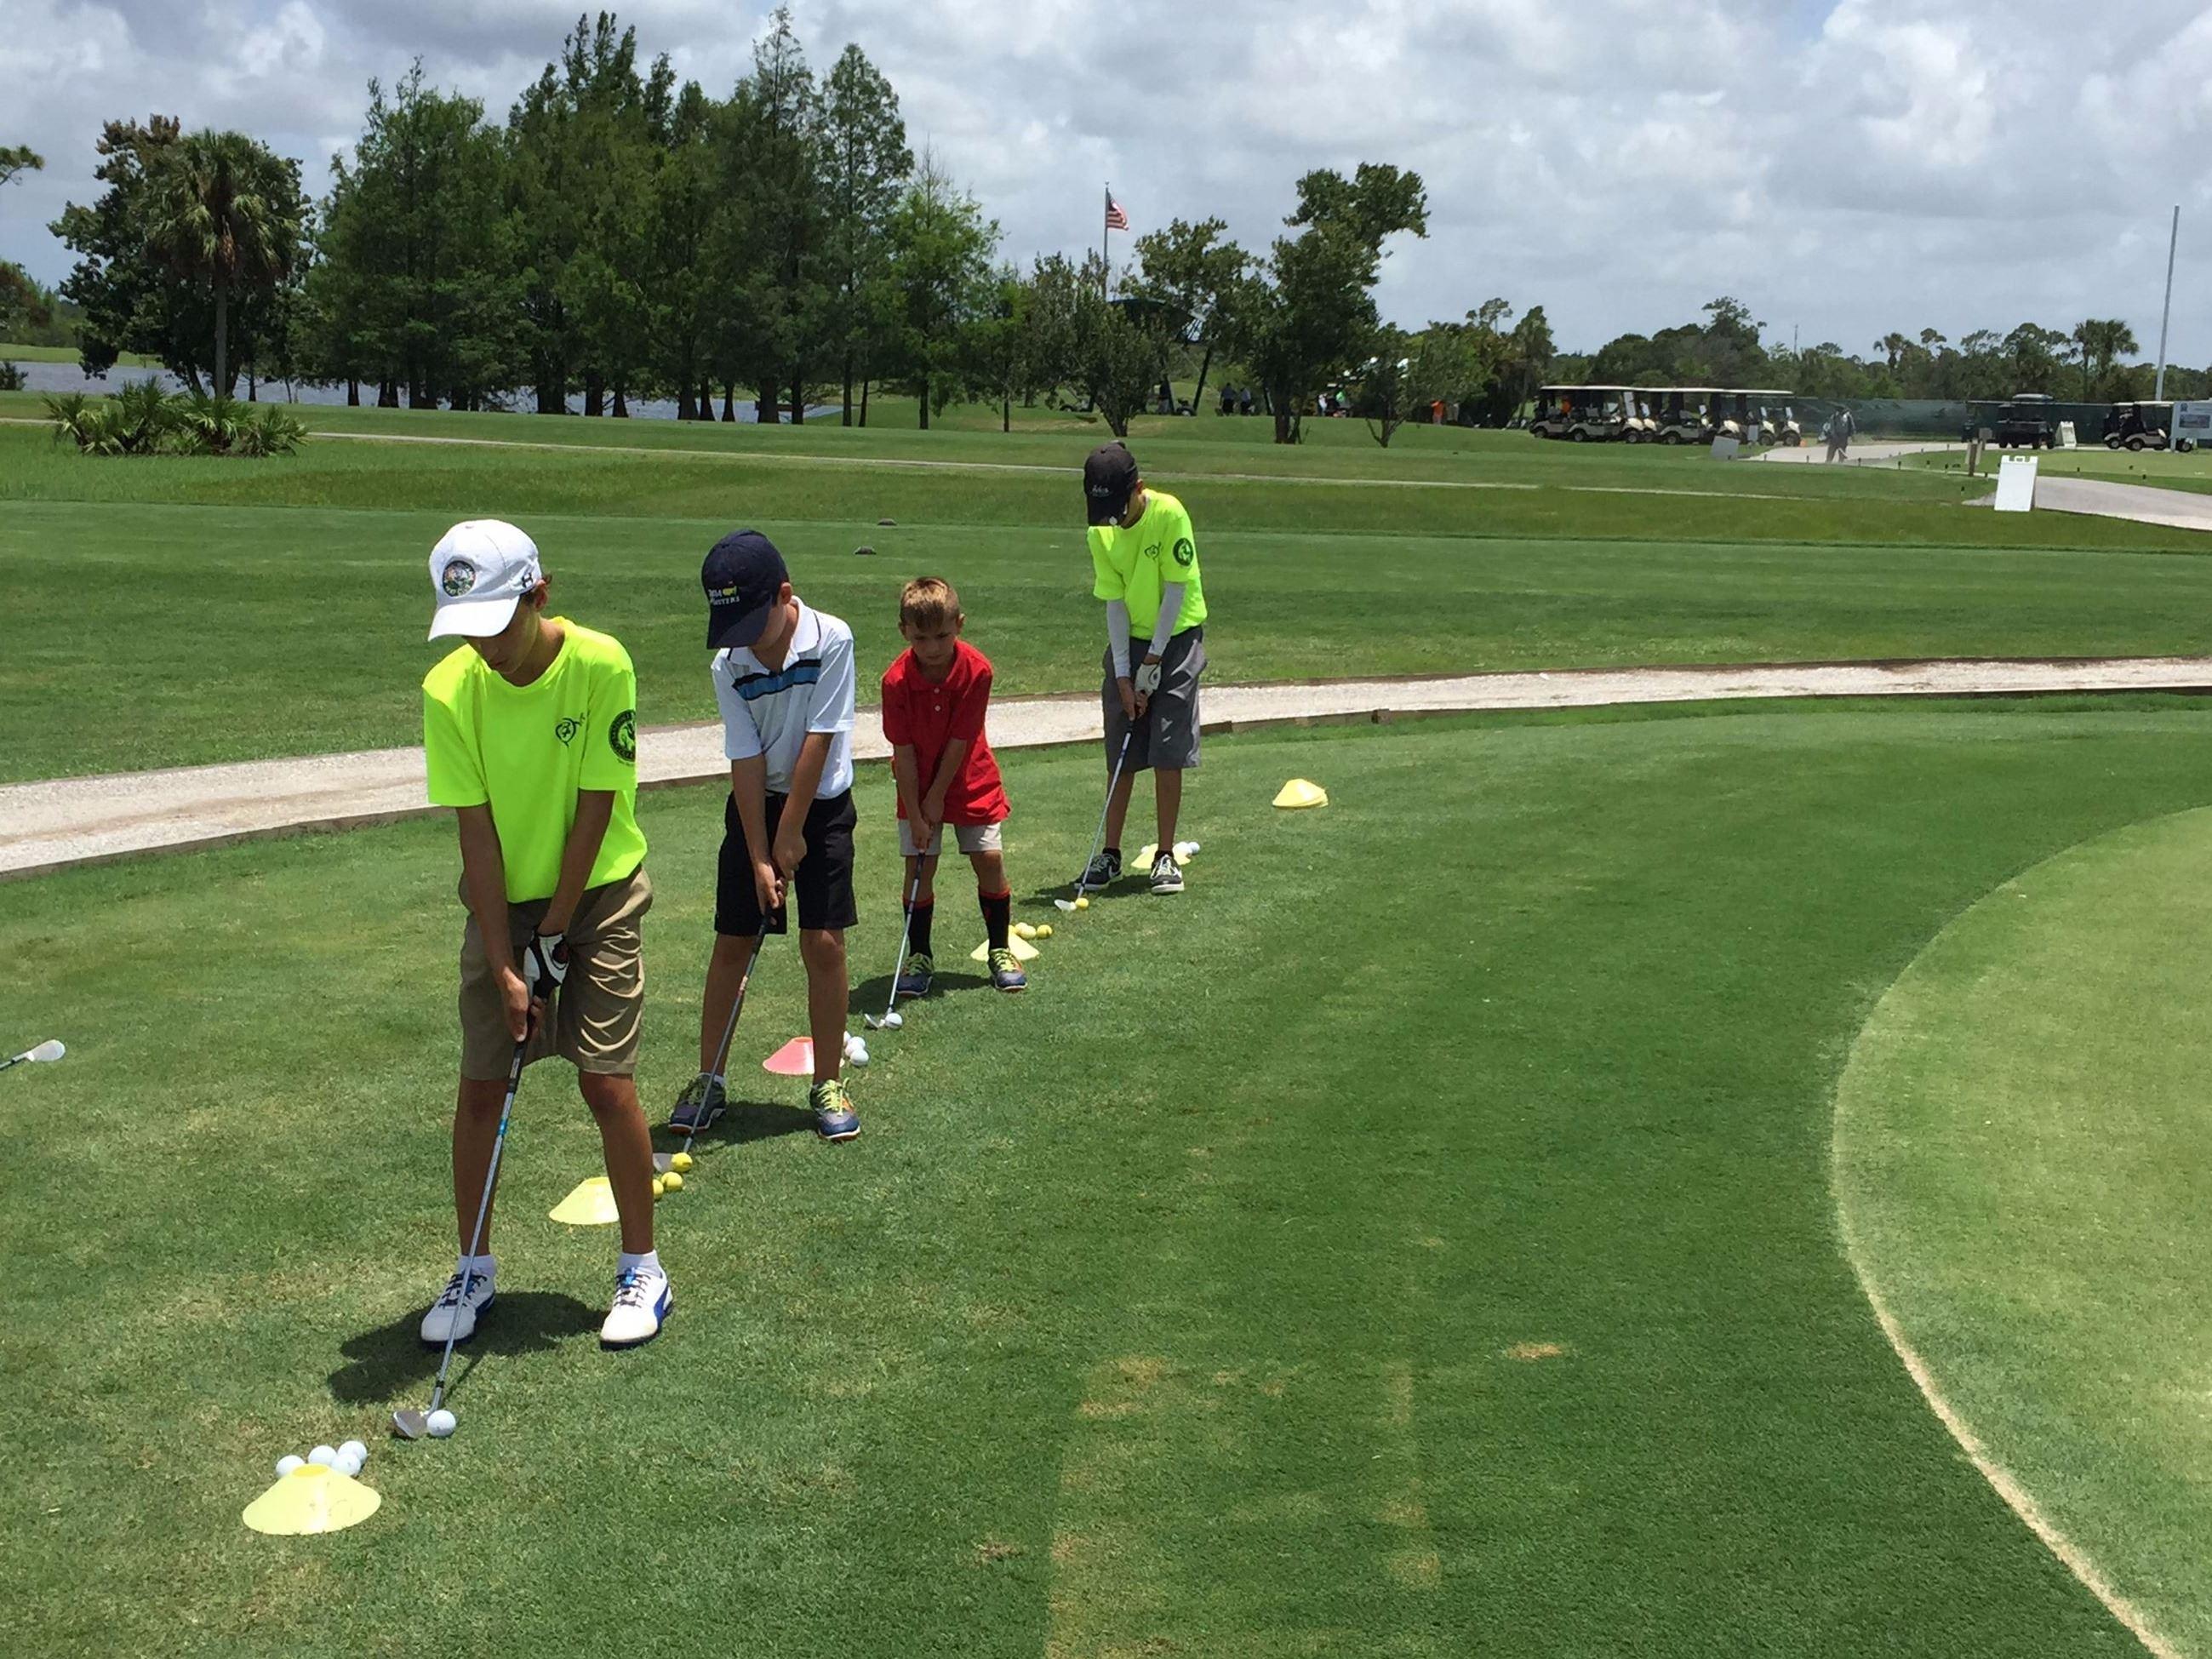 Group Training Opportunities | Palm Beach Gardens, FL - Official Website